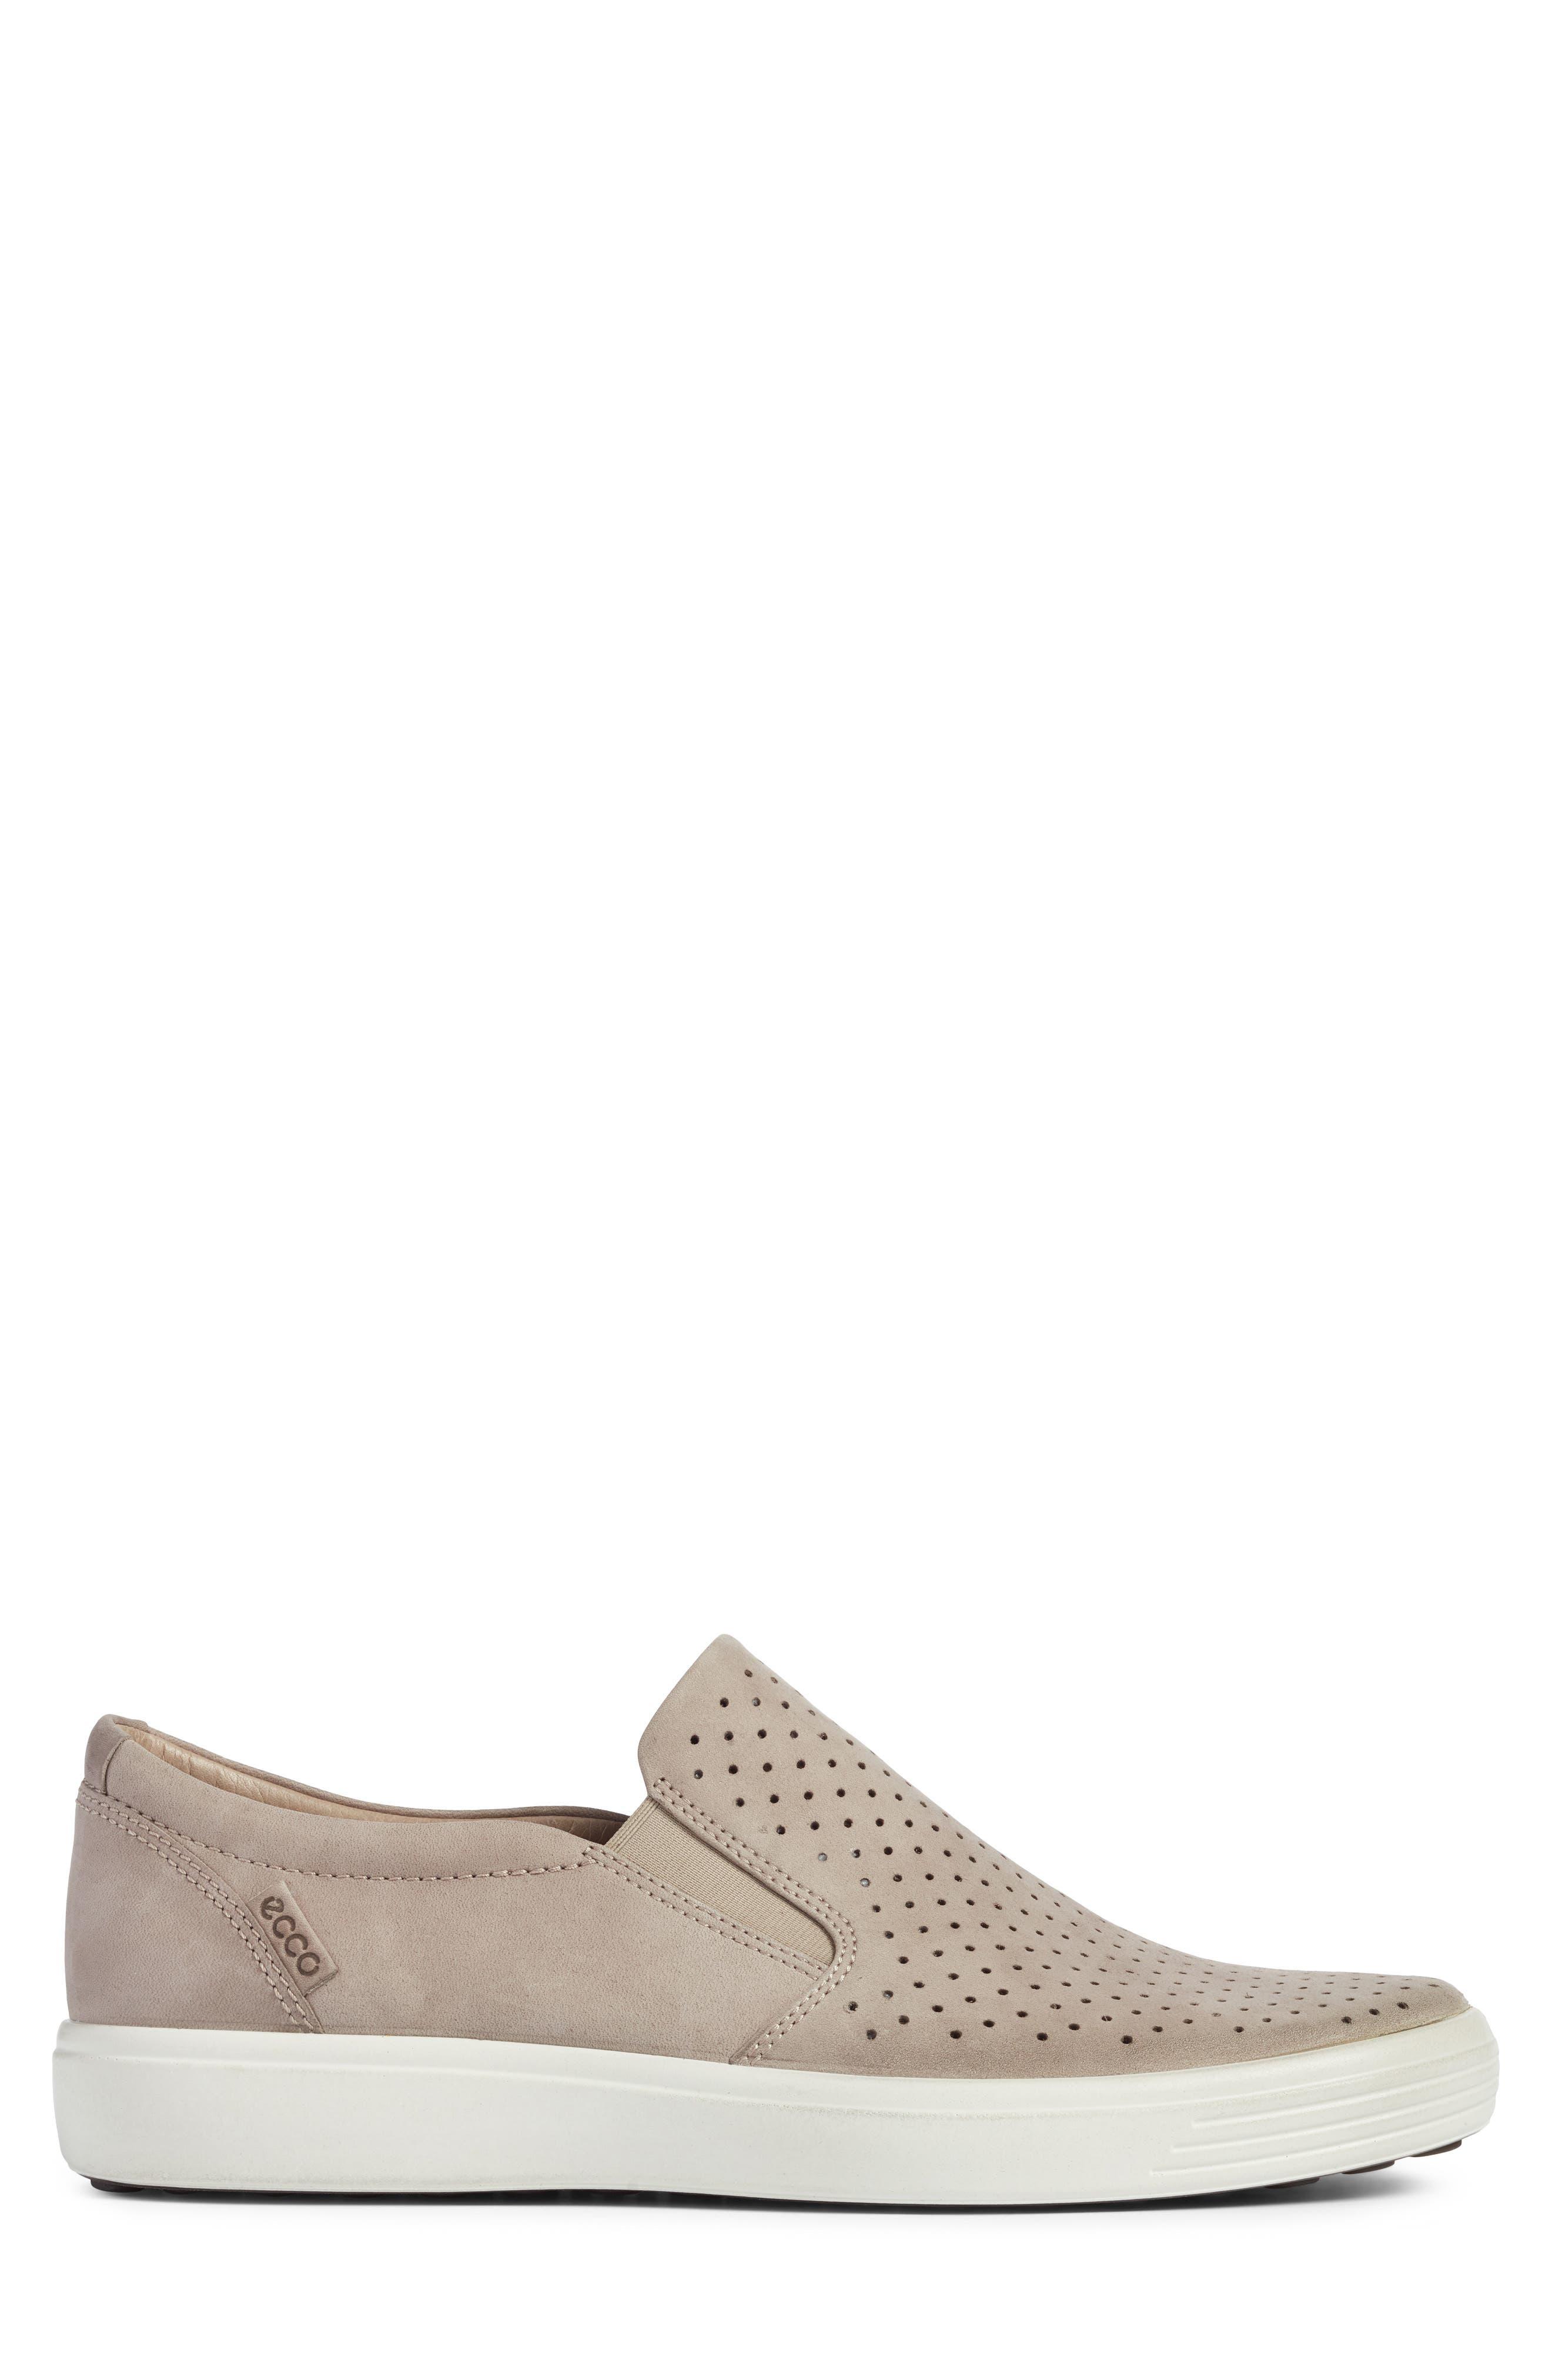 Soft 7 Retro Slip-On Sneaker,                             Alternate thumbnail 3, color,                             Moonrock Leather